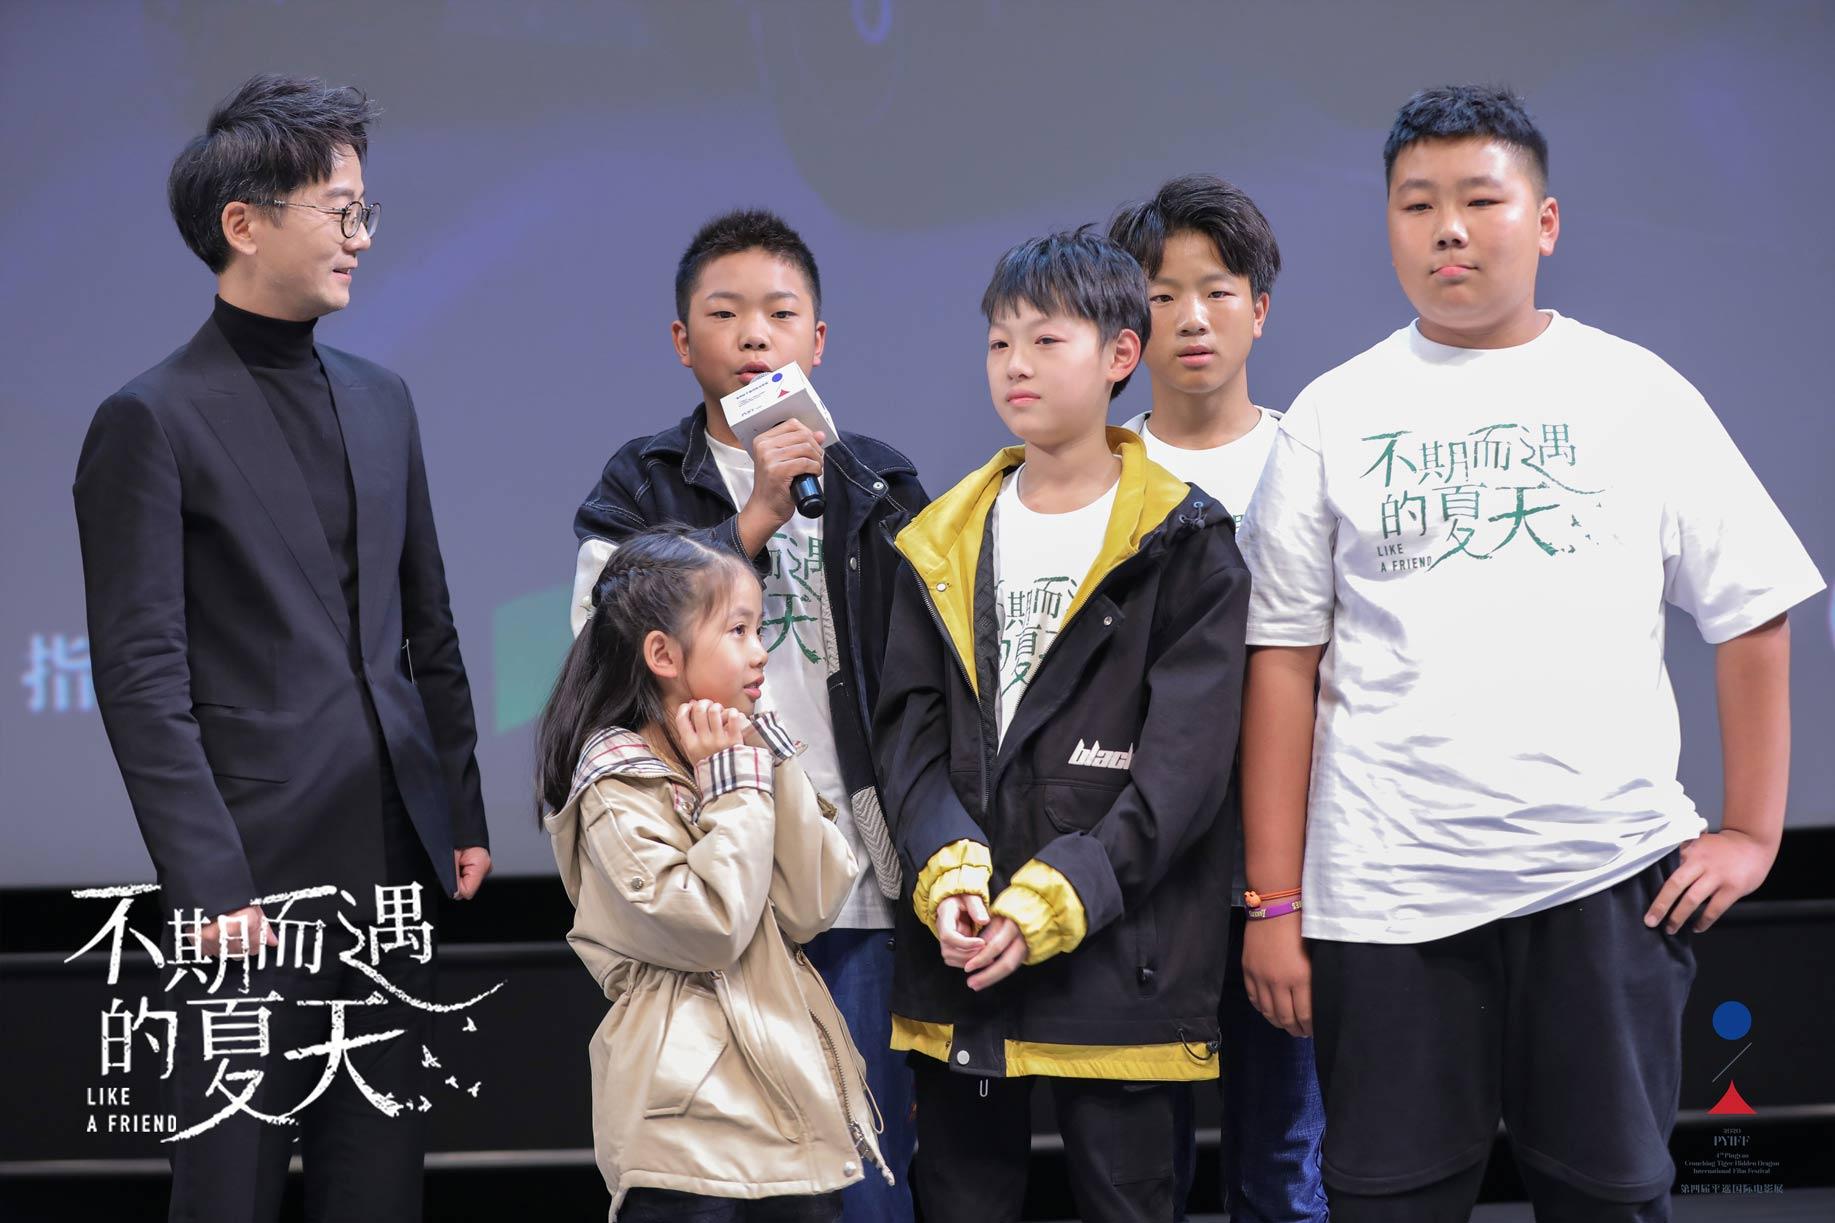 片中五位小演员自我介绍